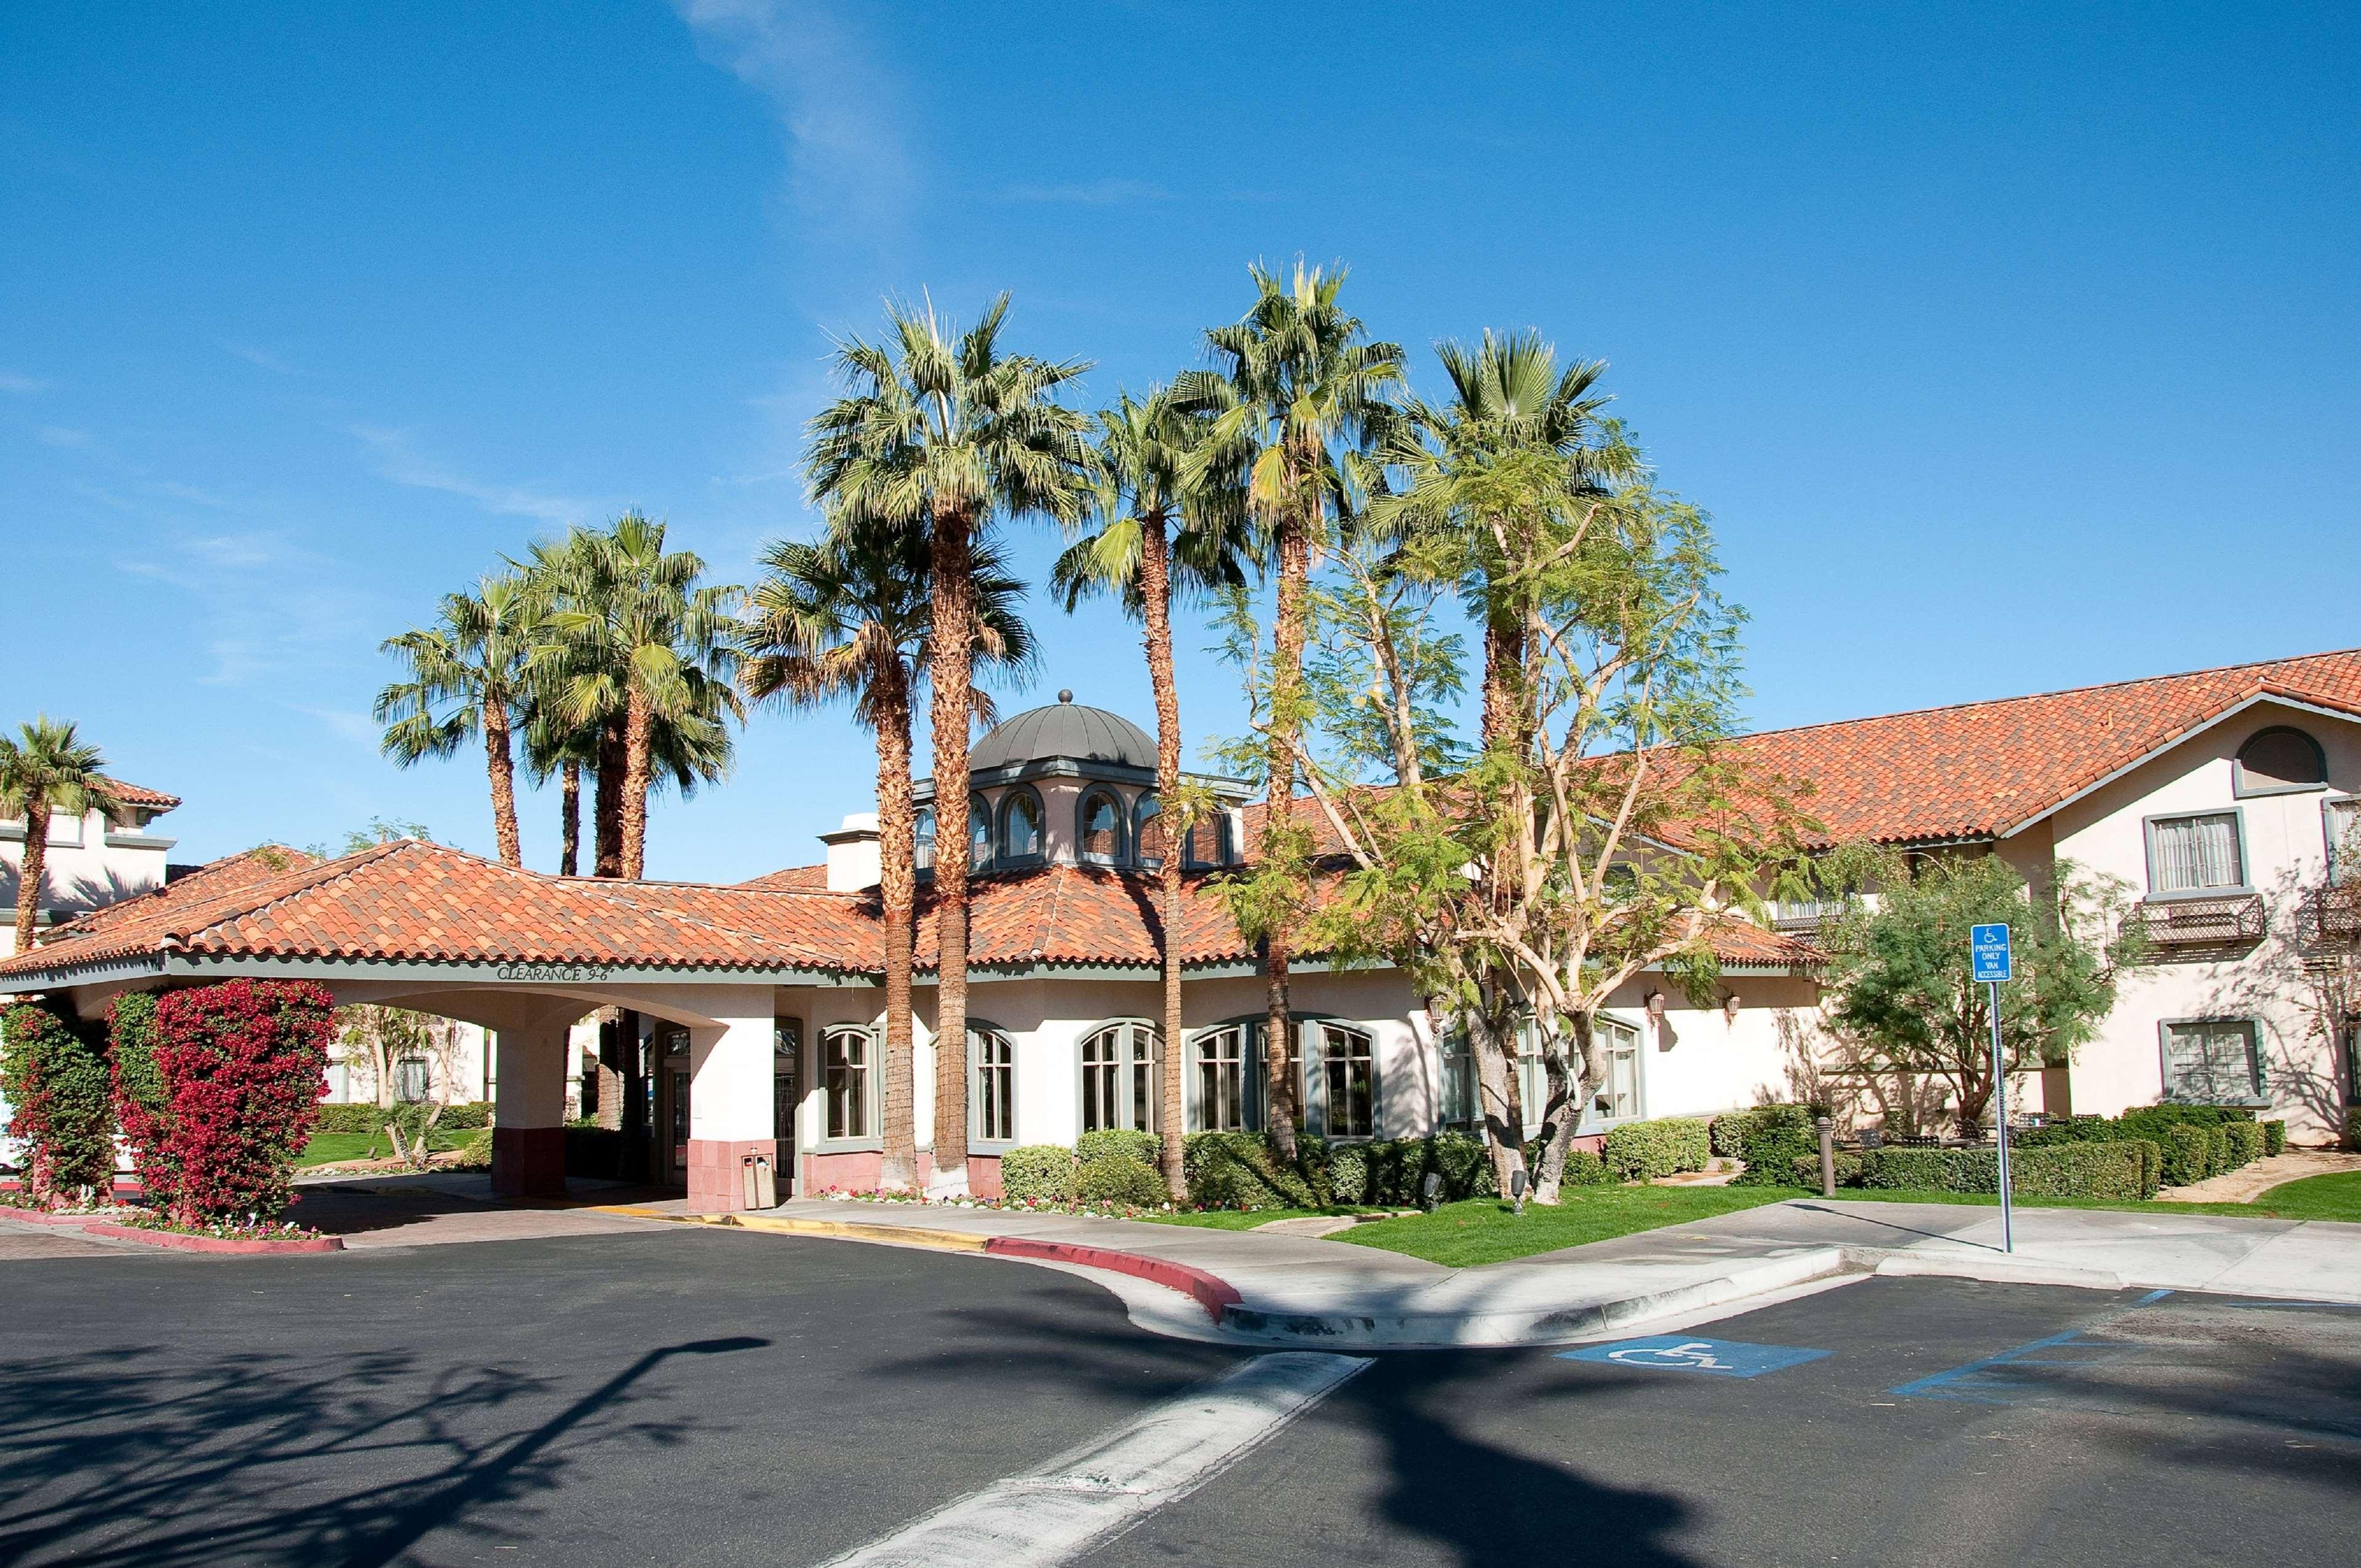 Hilton Garden Inn Palm Springs/Rancho Mirage image 1